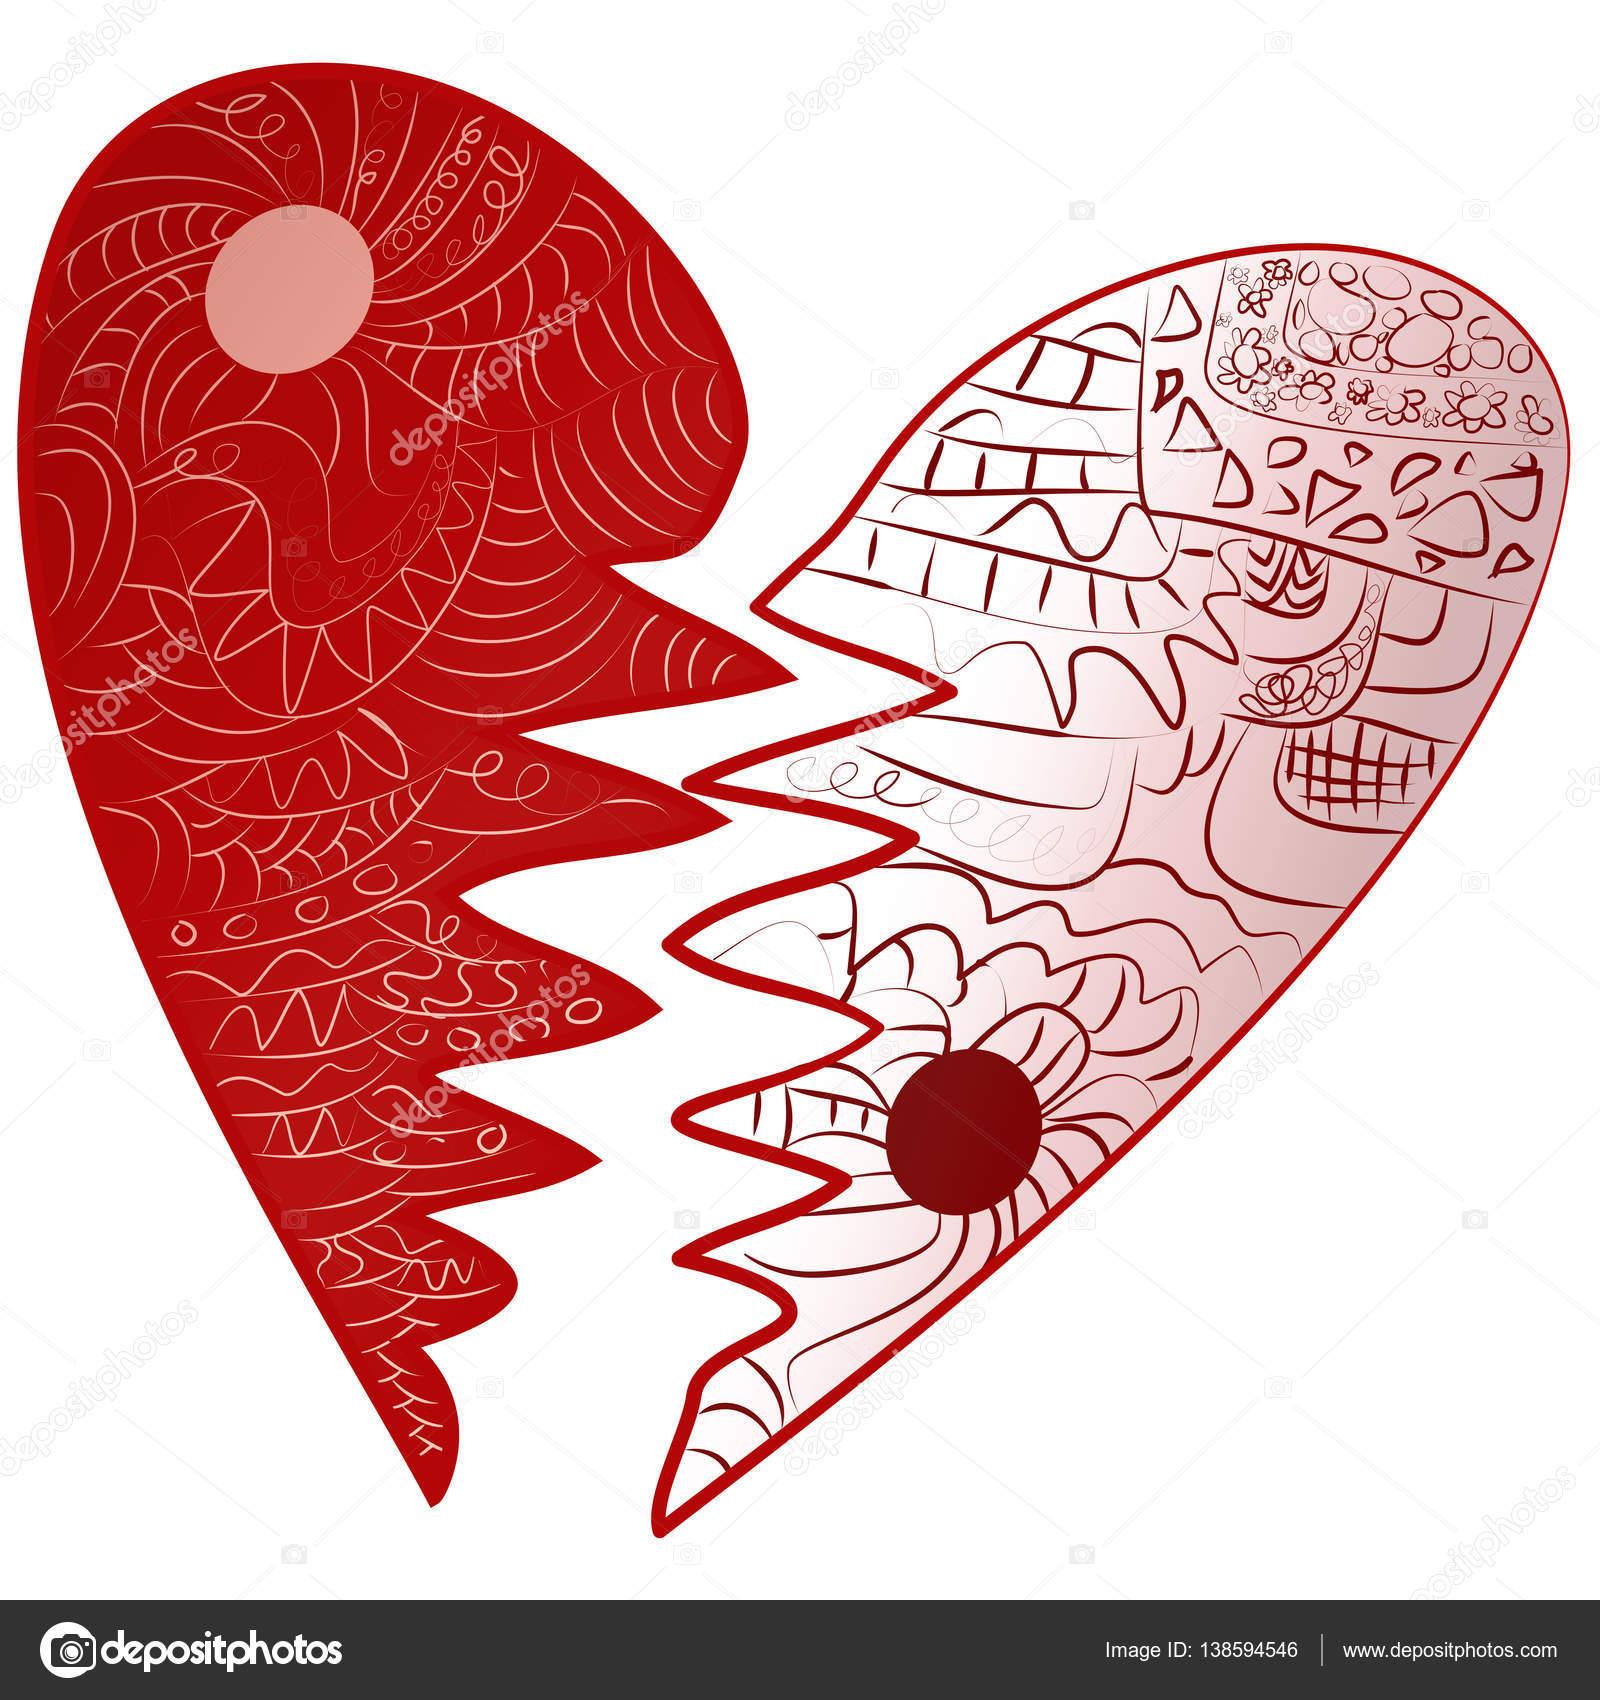 Imagenes Corazones Rotos Para Pintar Dia De San Valentin Rojo